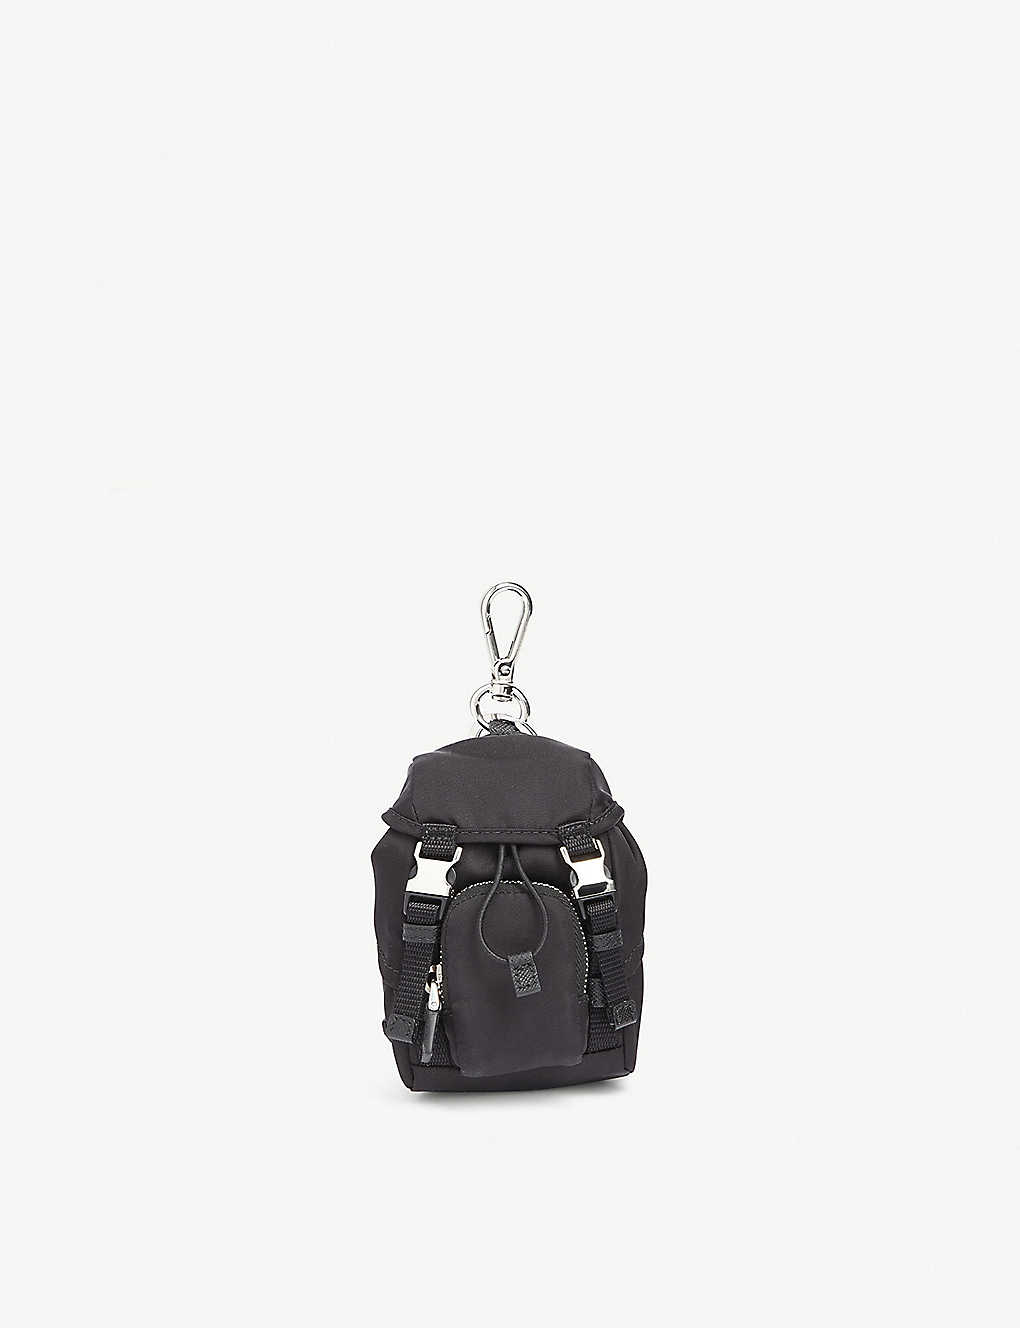 PRADA - Mini nylon backpack  eb5de565d340